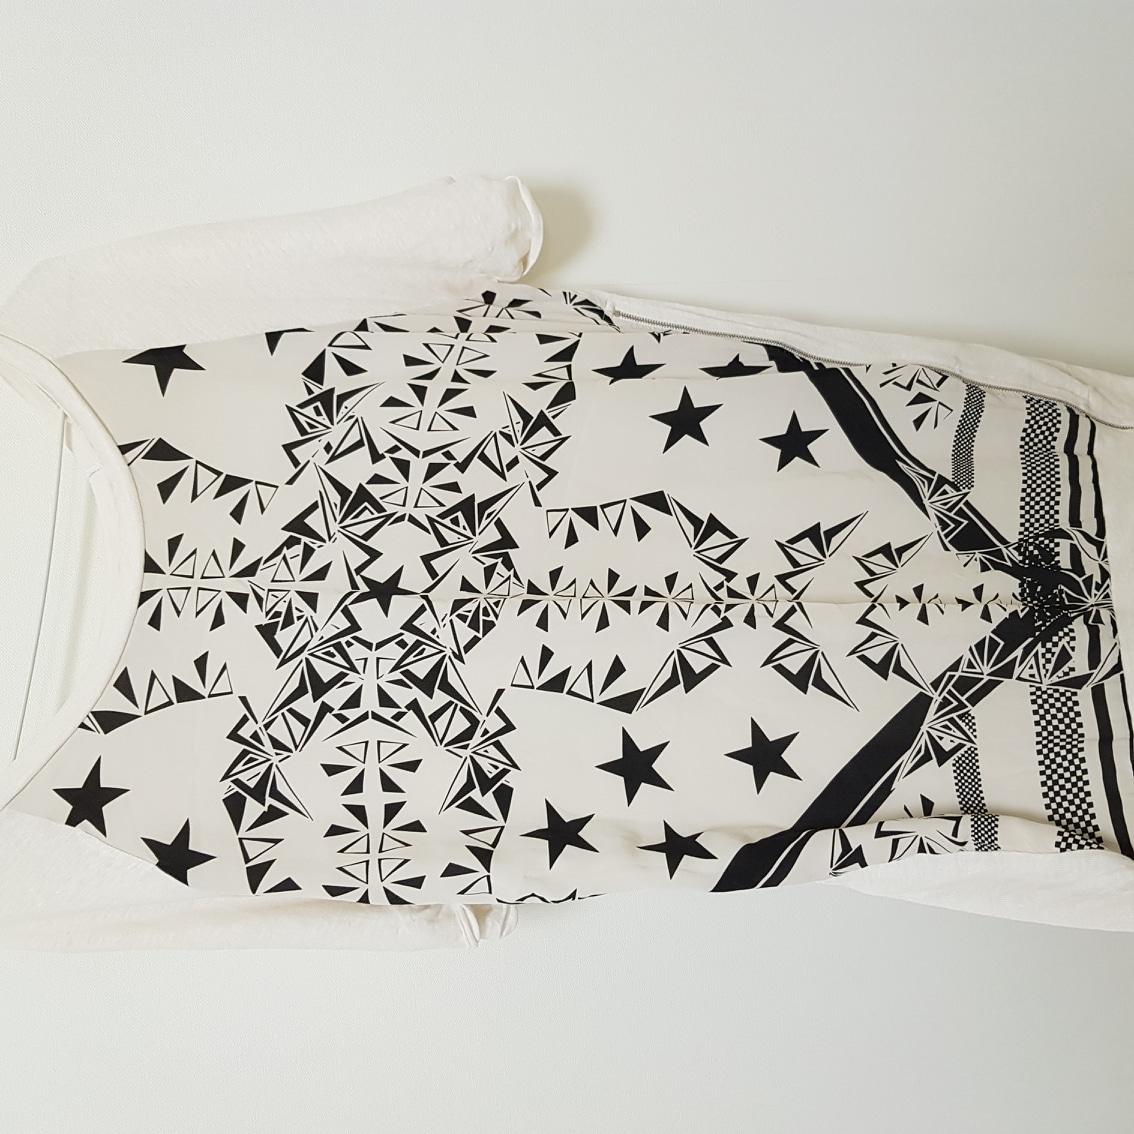 (택포) 산드로 (Sandro) 티셔츠, 66-77 사이즈